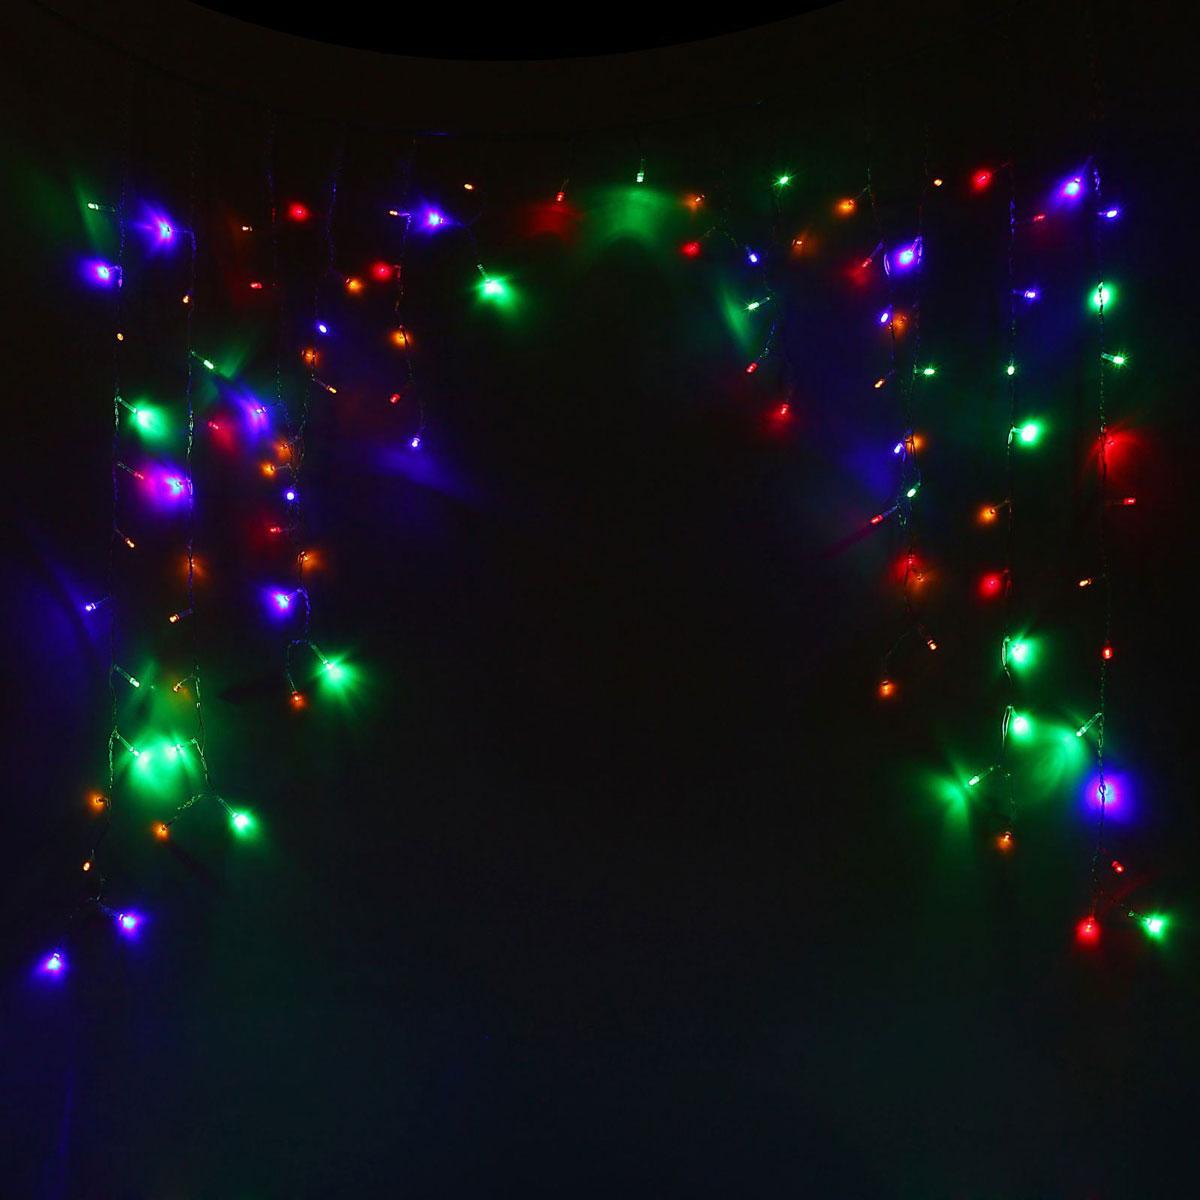 Гирлянда светодиодная Luazon Бахрома. Арка, 8 режимов, 126 ламп, 220 V, цвет: мультиколор, 1 х 1 м. 10804291080429Светодиодные гирлянды, ленты и т.д — это отличный вариант для новогоднего оформления интерьера или фасада. С их помощью помещение любого размера можно превратить в праздничный зал, а внешние элементы зданий, украшенные ими, мгновенно станут напоминать очертания сказочного дворца. Такие украшения создают ауру предвкушения чуда. Деревья, фасады, витрины, окна и арки будто специально созданы, чтобы вы украсили их светящимися нитями.